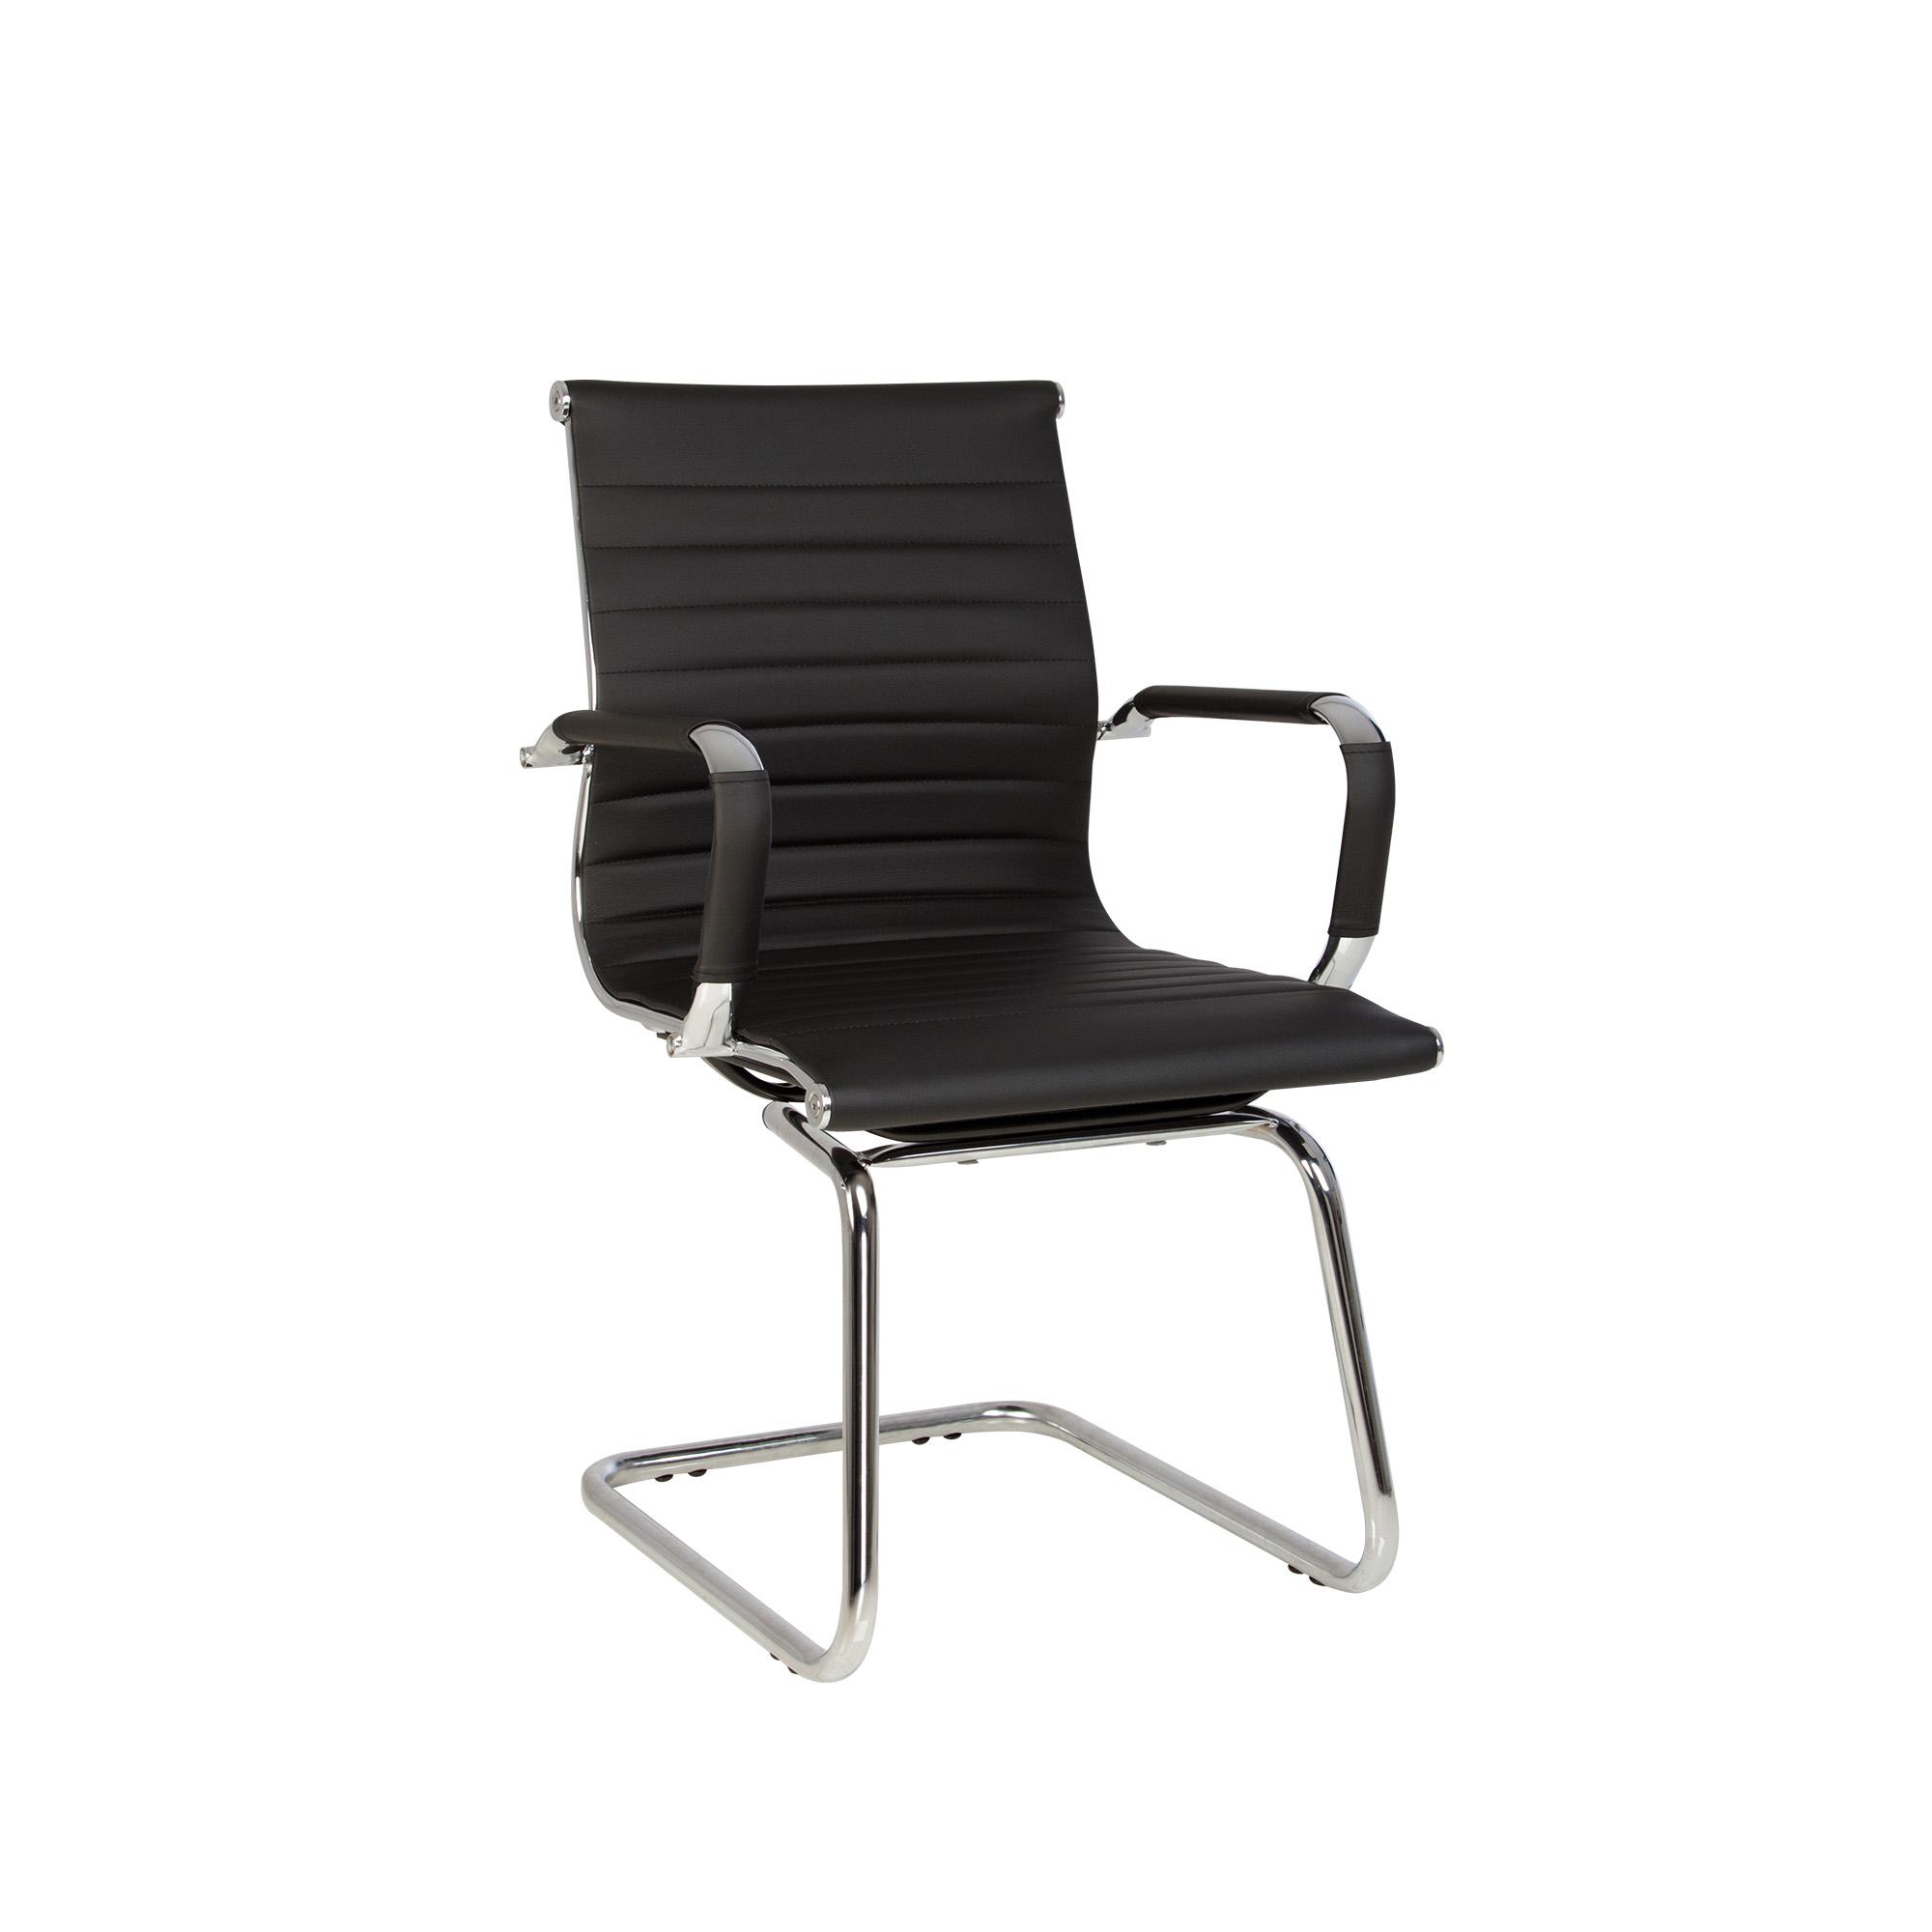 Посетителски стол - Slim